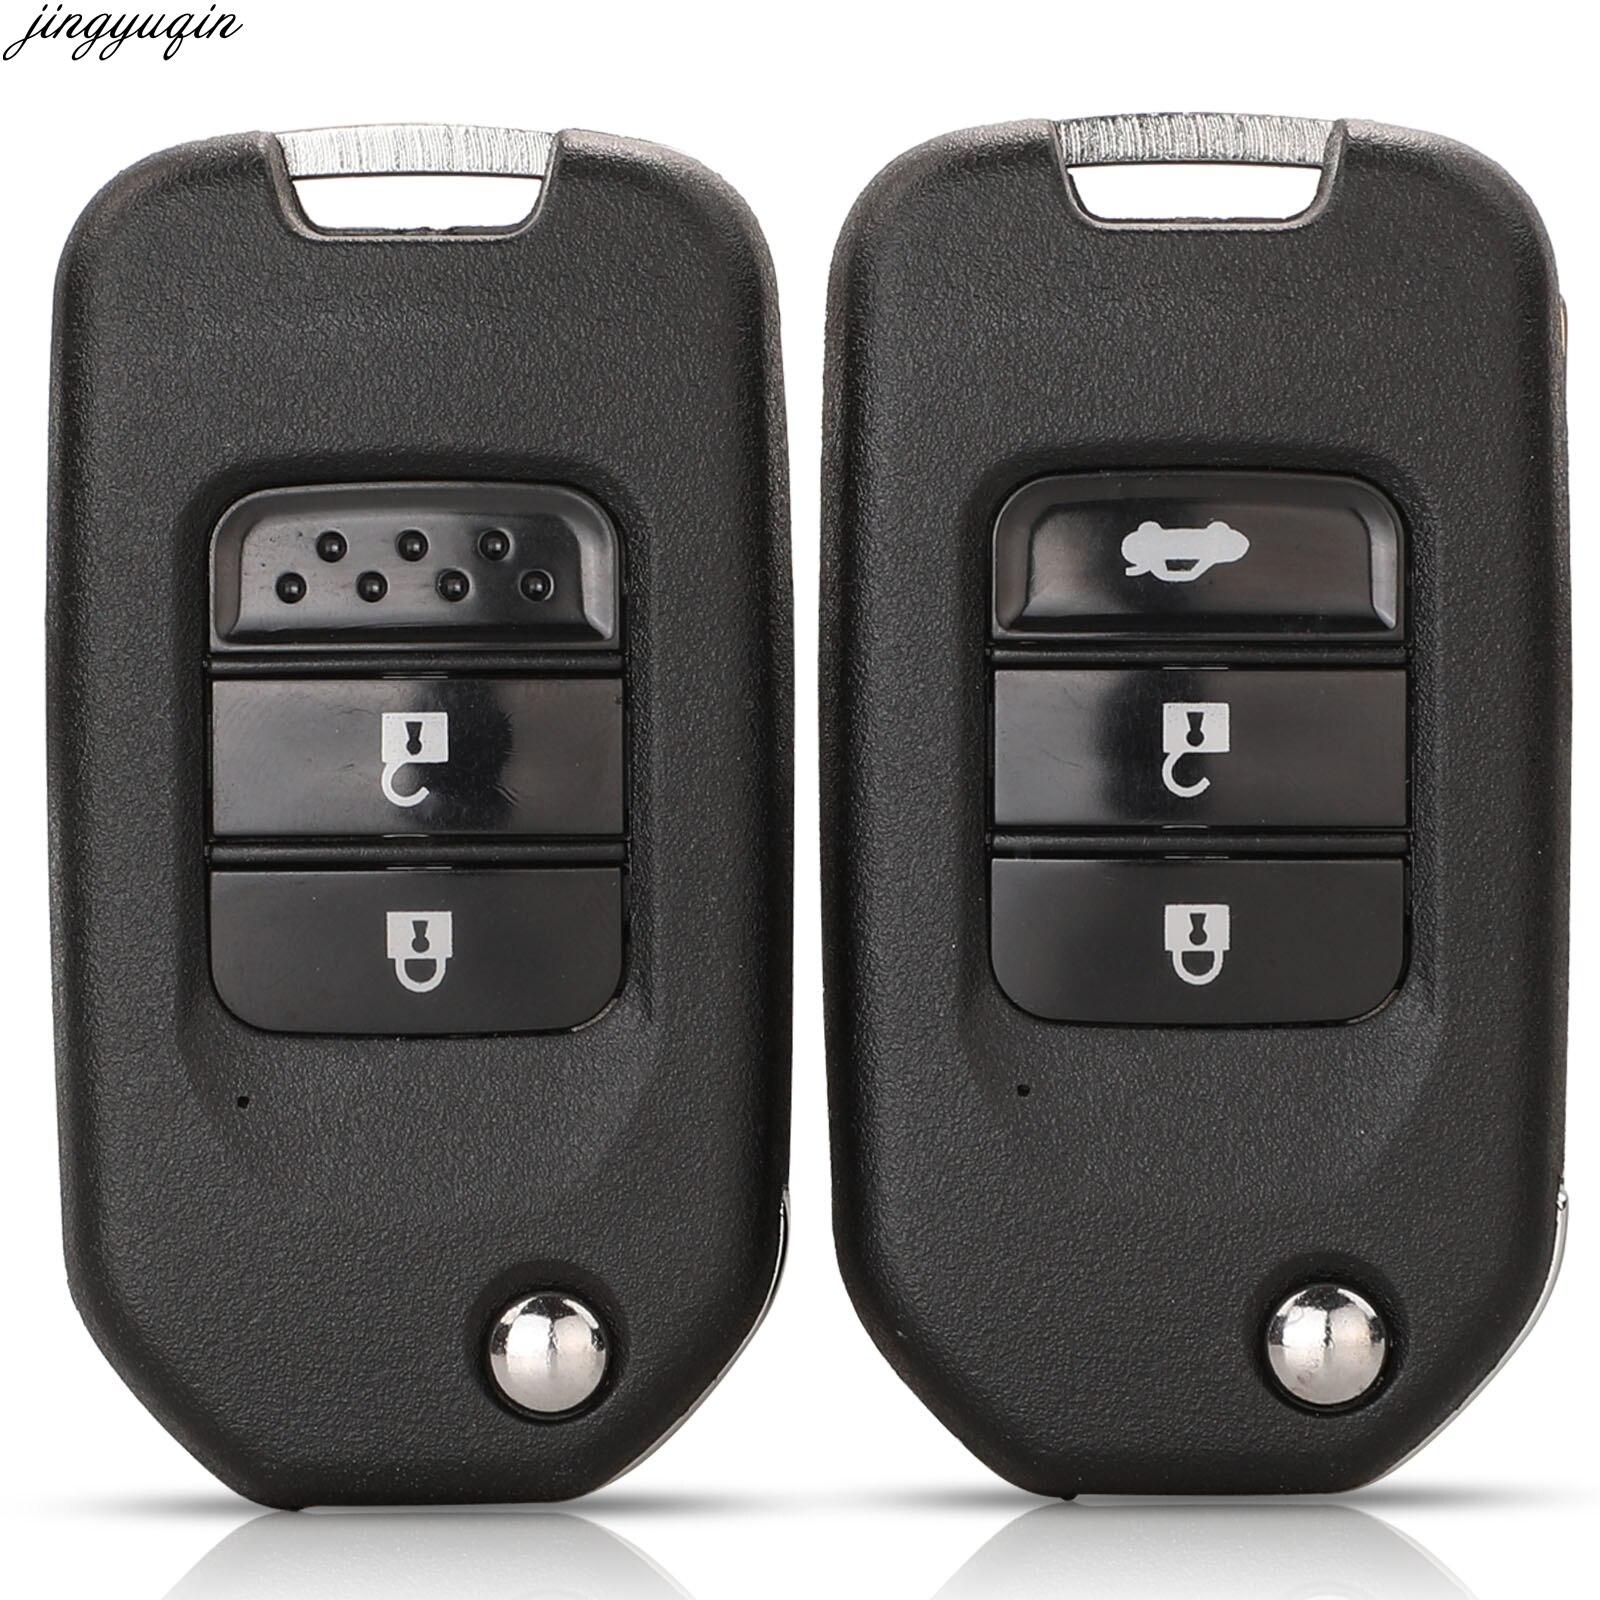 Funda para mando a distancia Jingyuqin, carcasa para coche para Honda Civic Accord City CR-V Jazz XR-V Vezel HR-V FRV, llave Original de 2/3 botones